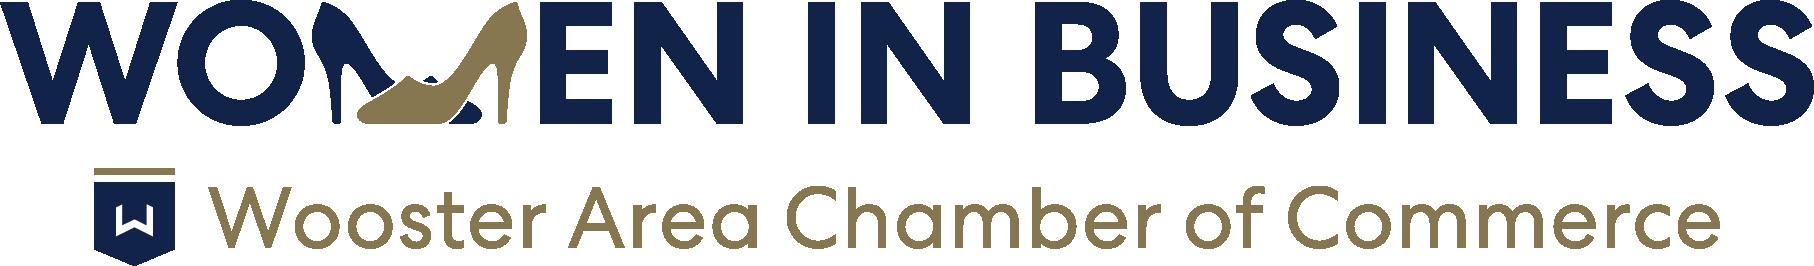 WACC_WIB_Horizontal_Logo_2019_Print_CYMK.png